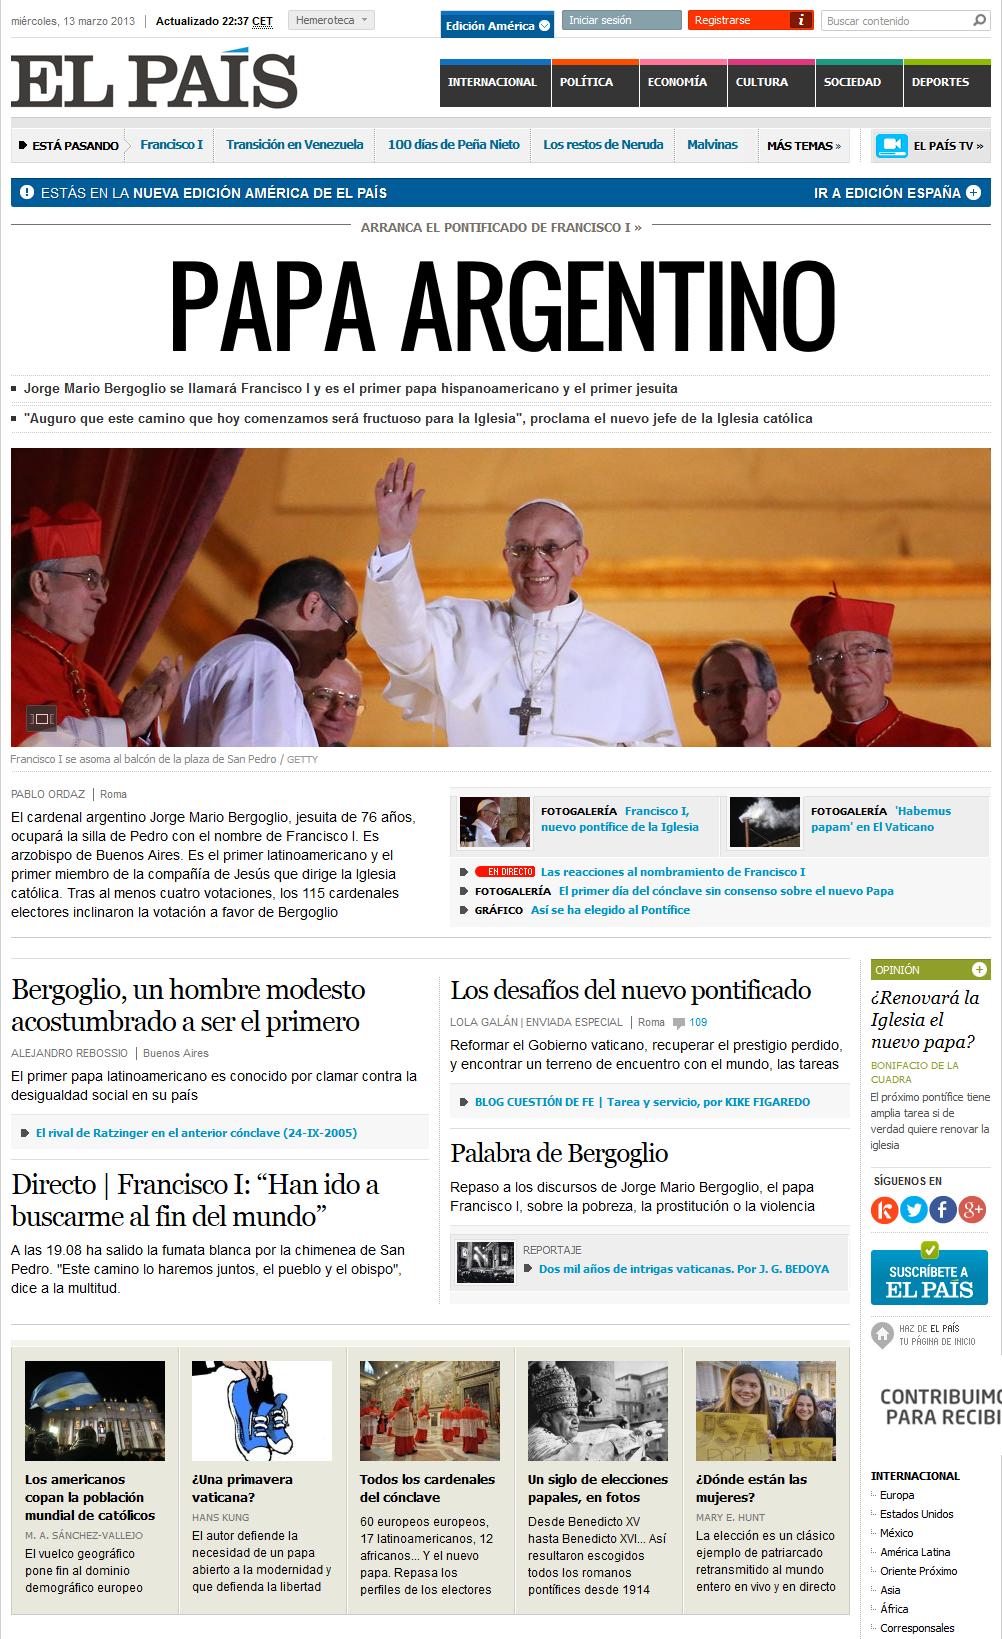 portada de el pais web 13 marzo